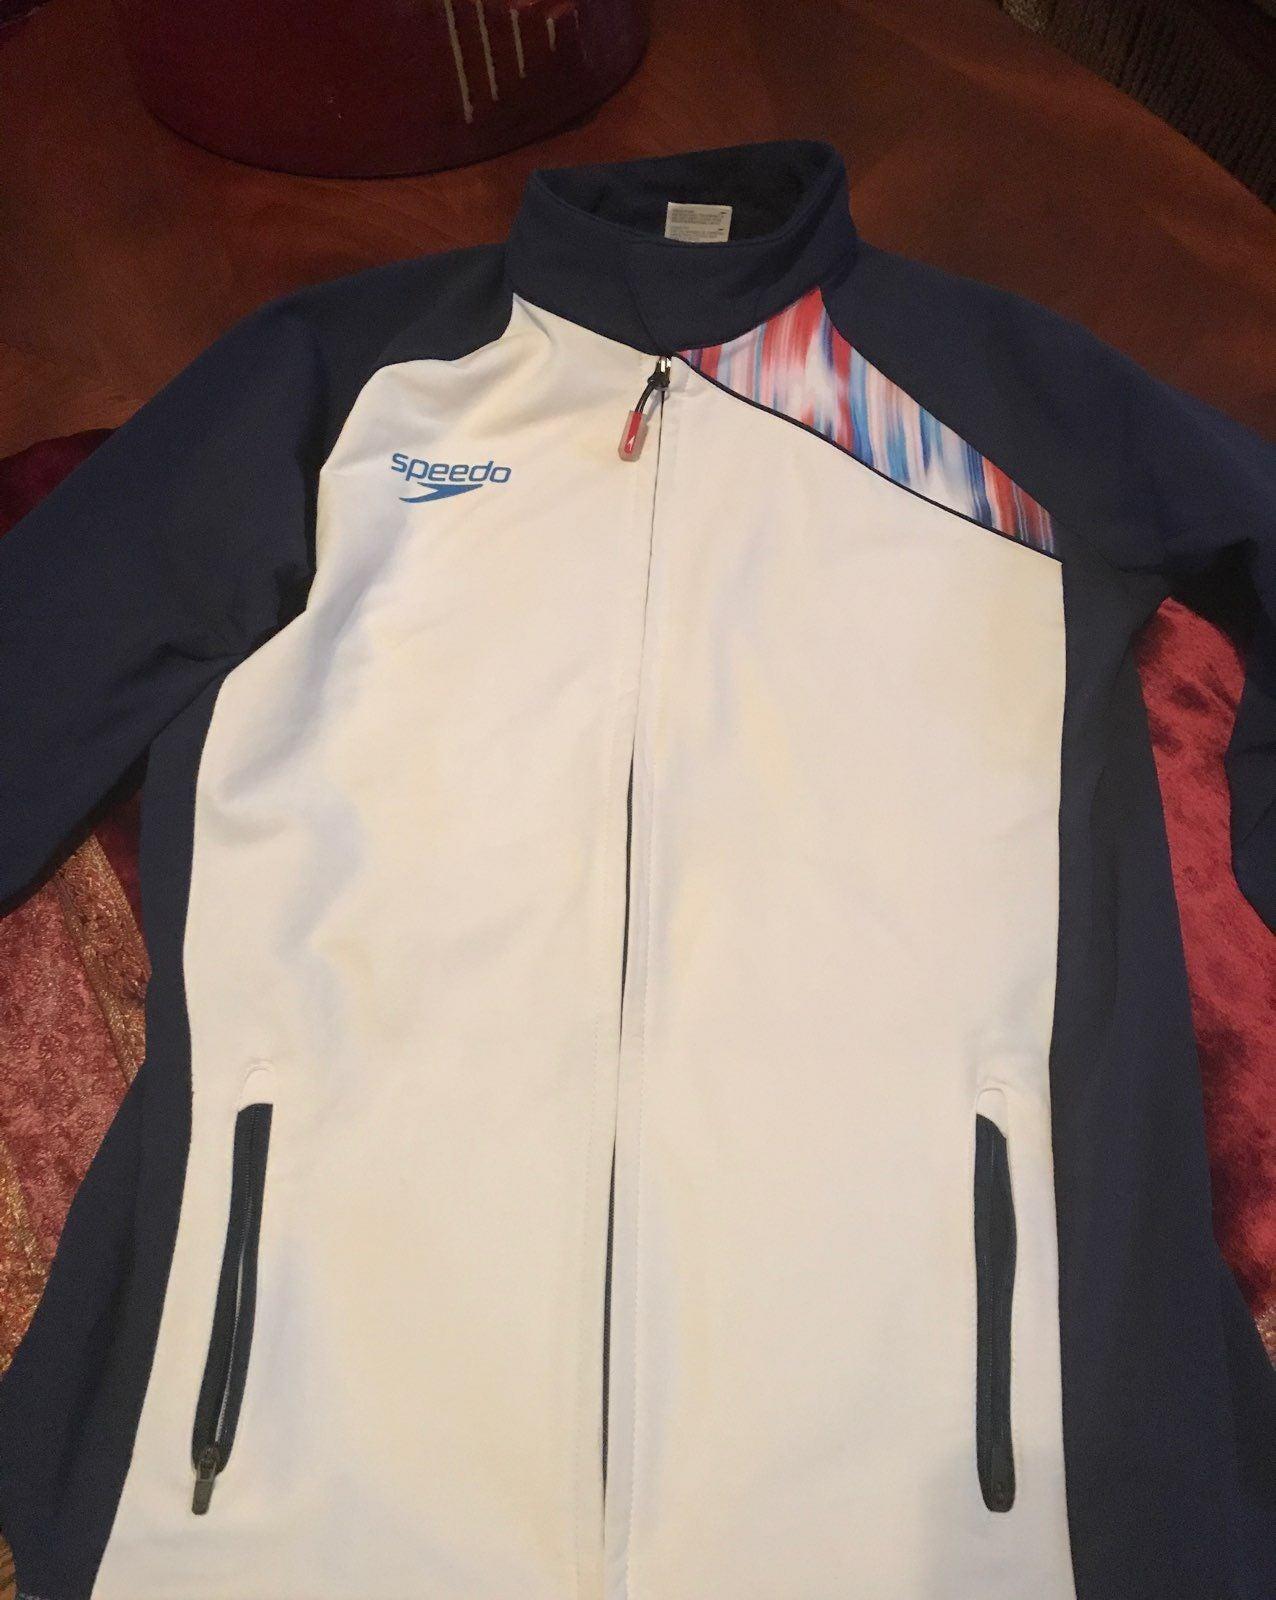 Speedo USA Jacket